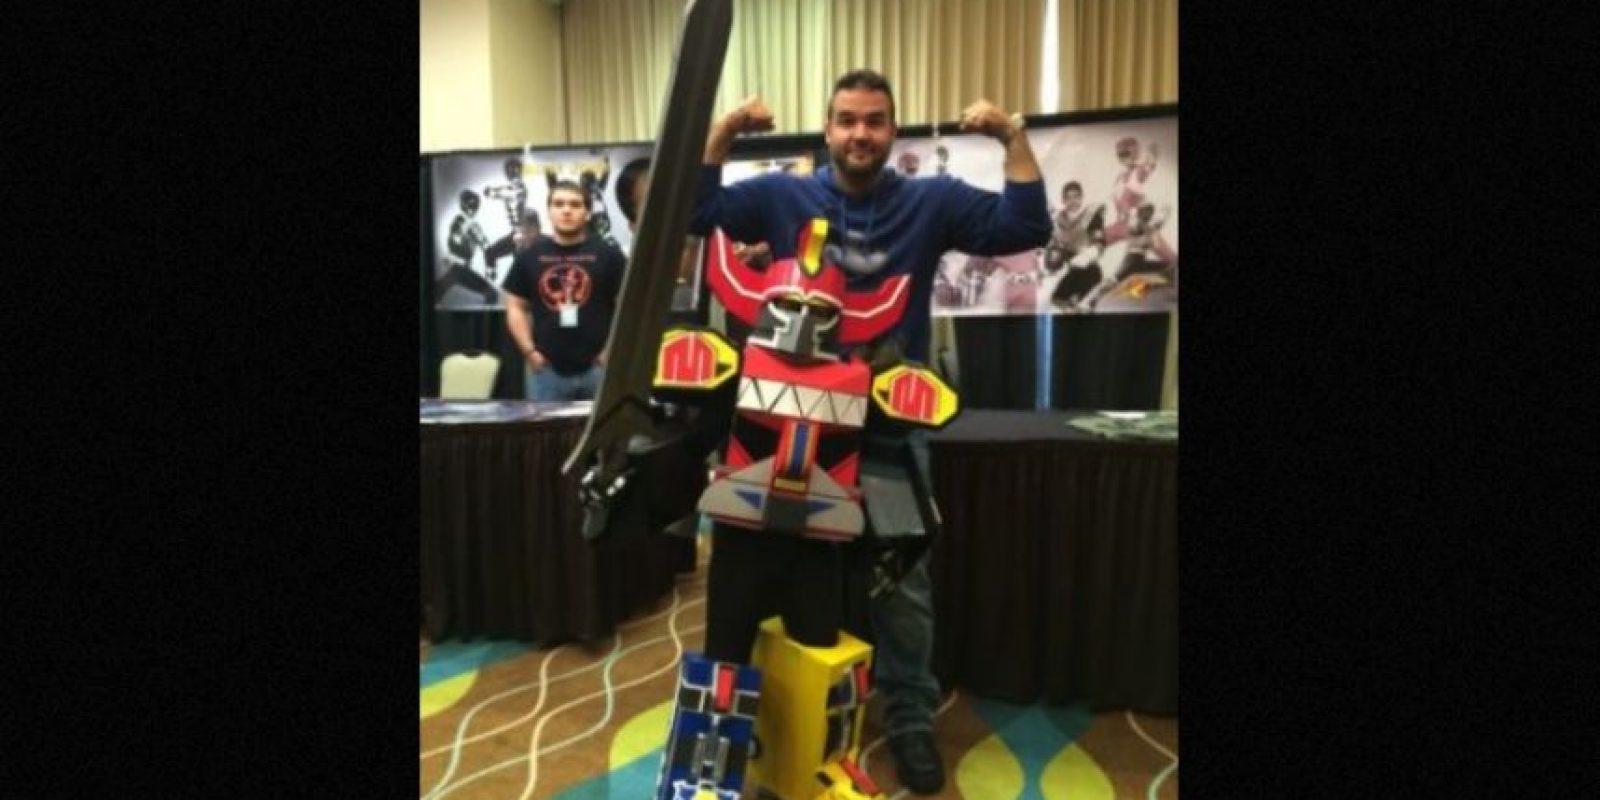 """Hoy en día, el actor se dedica a vender mercancía del """"Power Ranger"""" rojo y asiste a convenciones para convivir con los fans. Foto:Facebook/AustinSTJohn"""